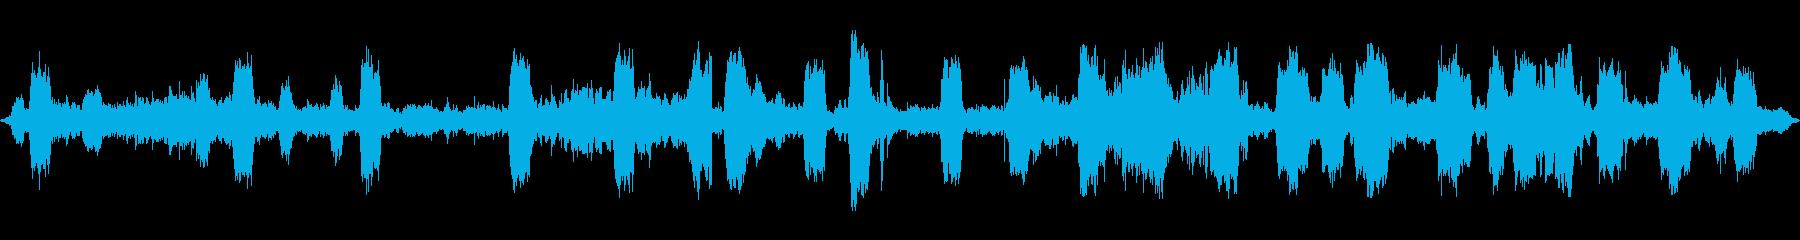 シューティングギャラリー、電子銃、...の再生済みの波形